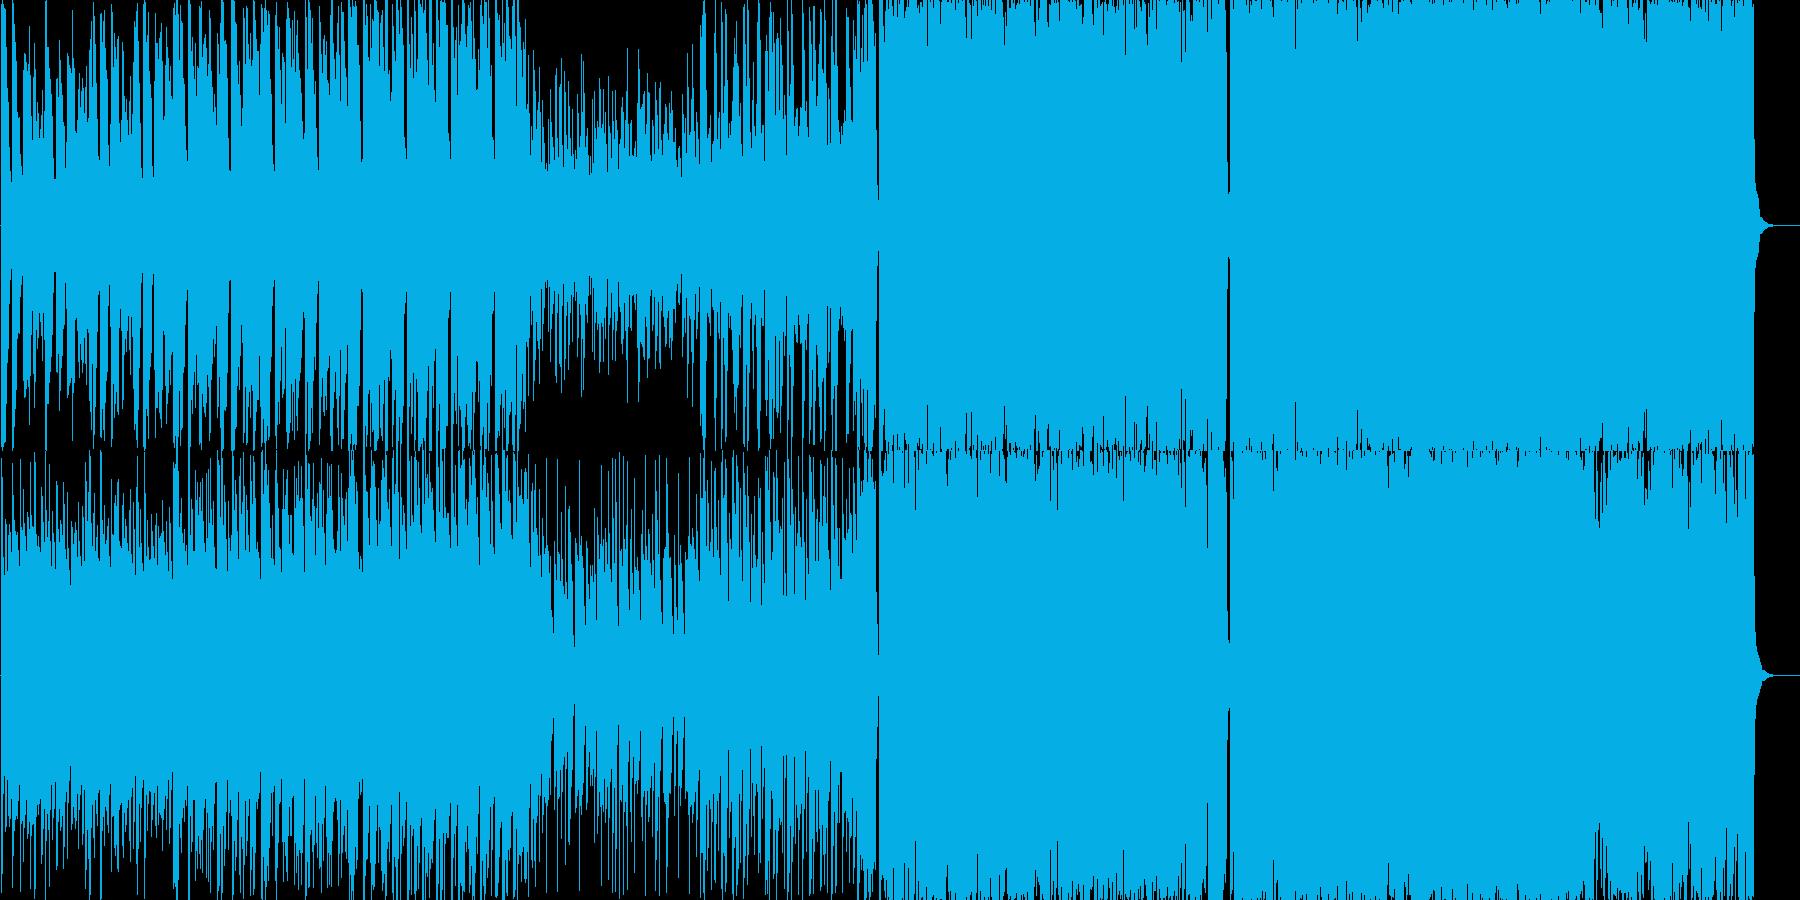 アコースティックギターのインストの再生済みの波形